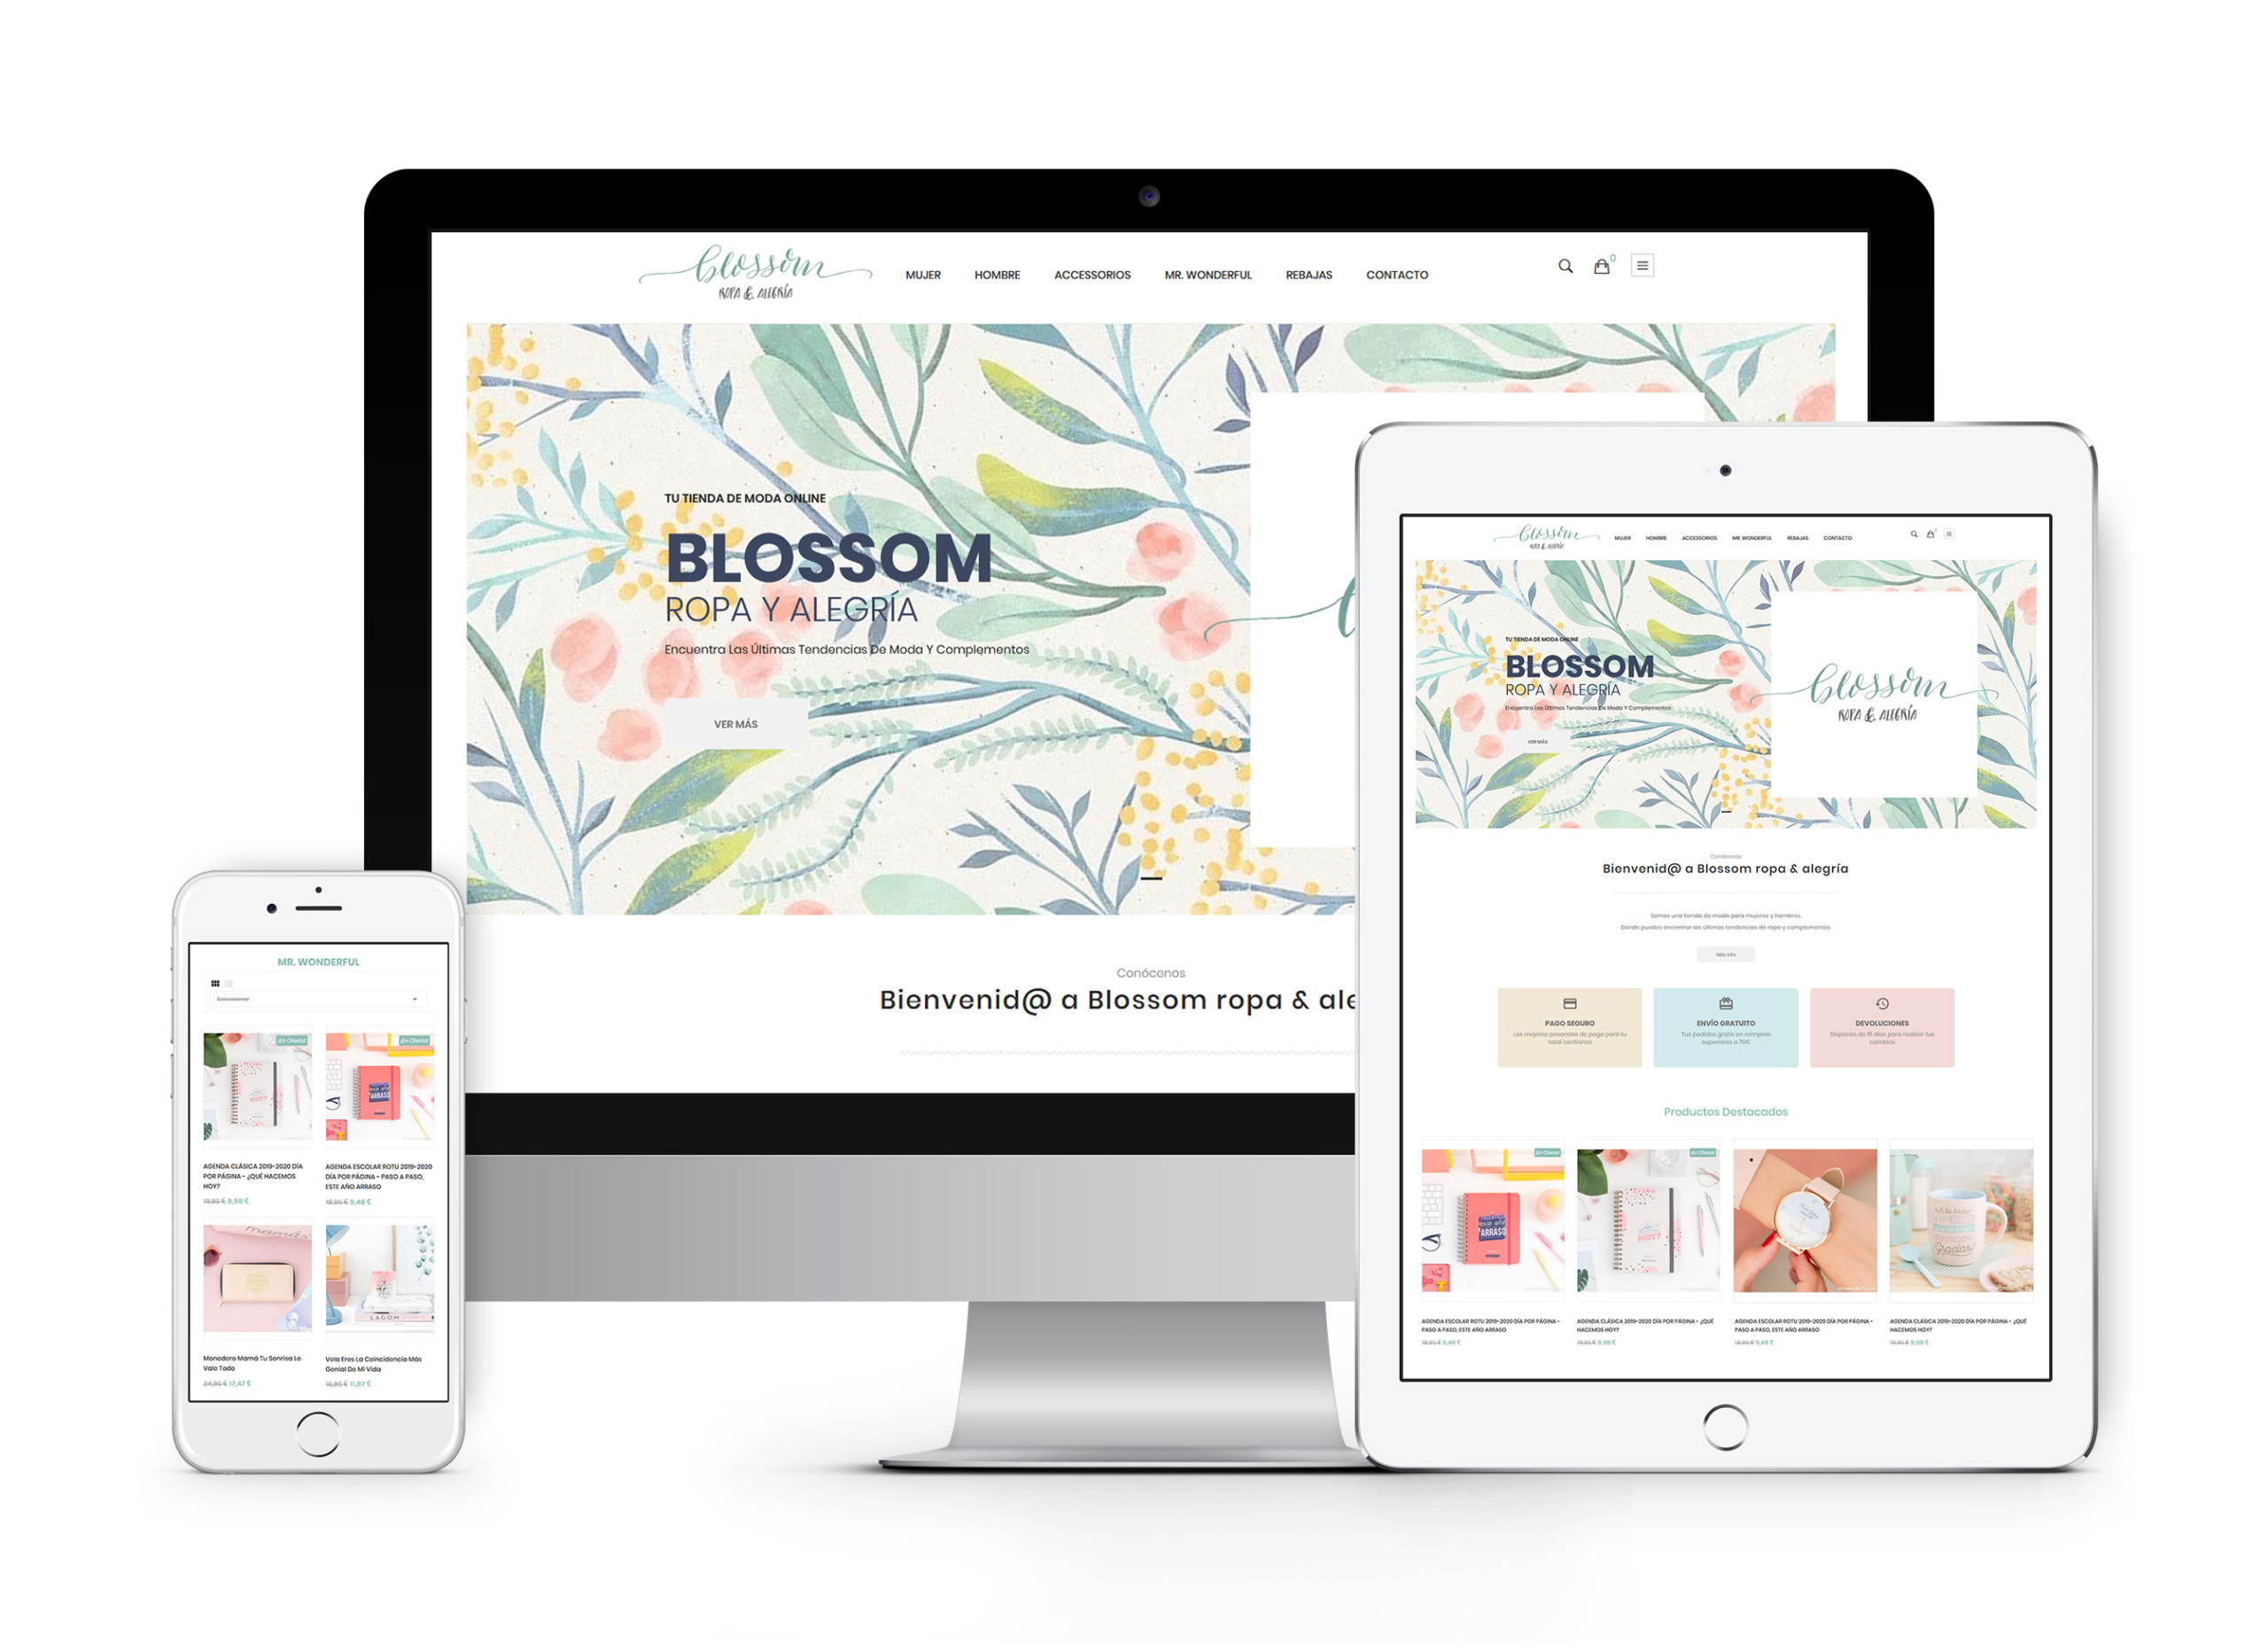 Blosssom - Diseño y desarrollo de tienda online